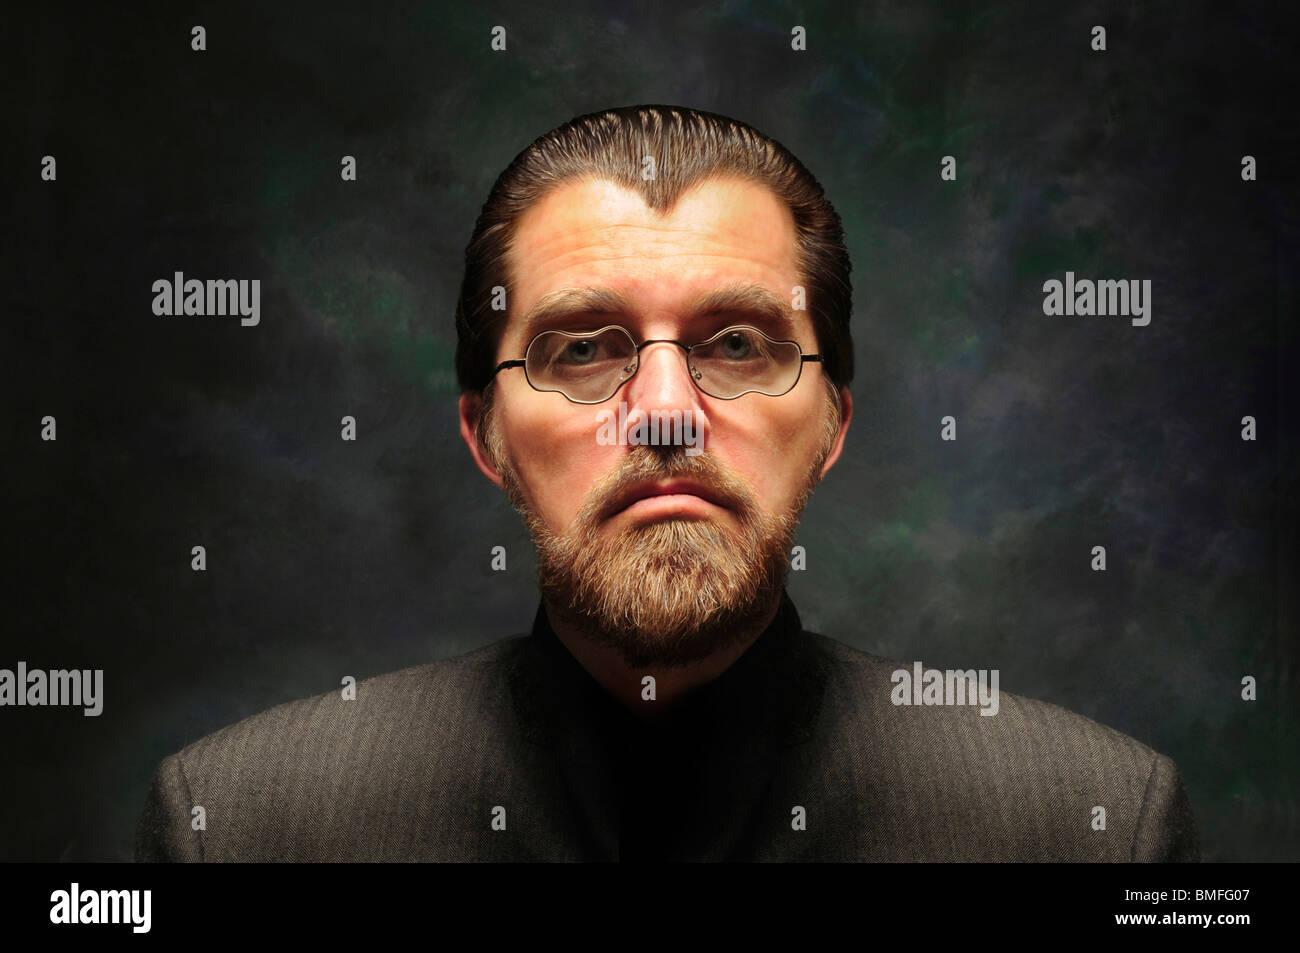 Carattere orwelliana con distorsione deformato occhiali e barba contro uno sfondo scuro Immagini Stock